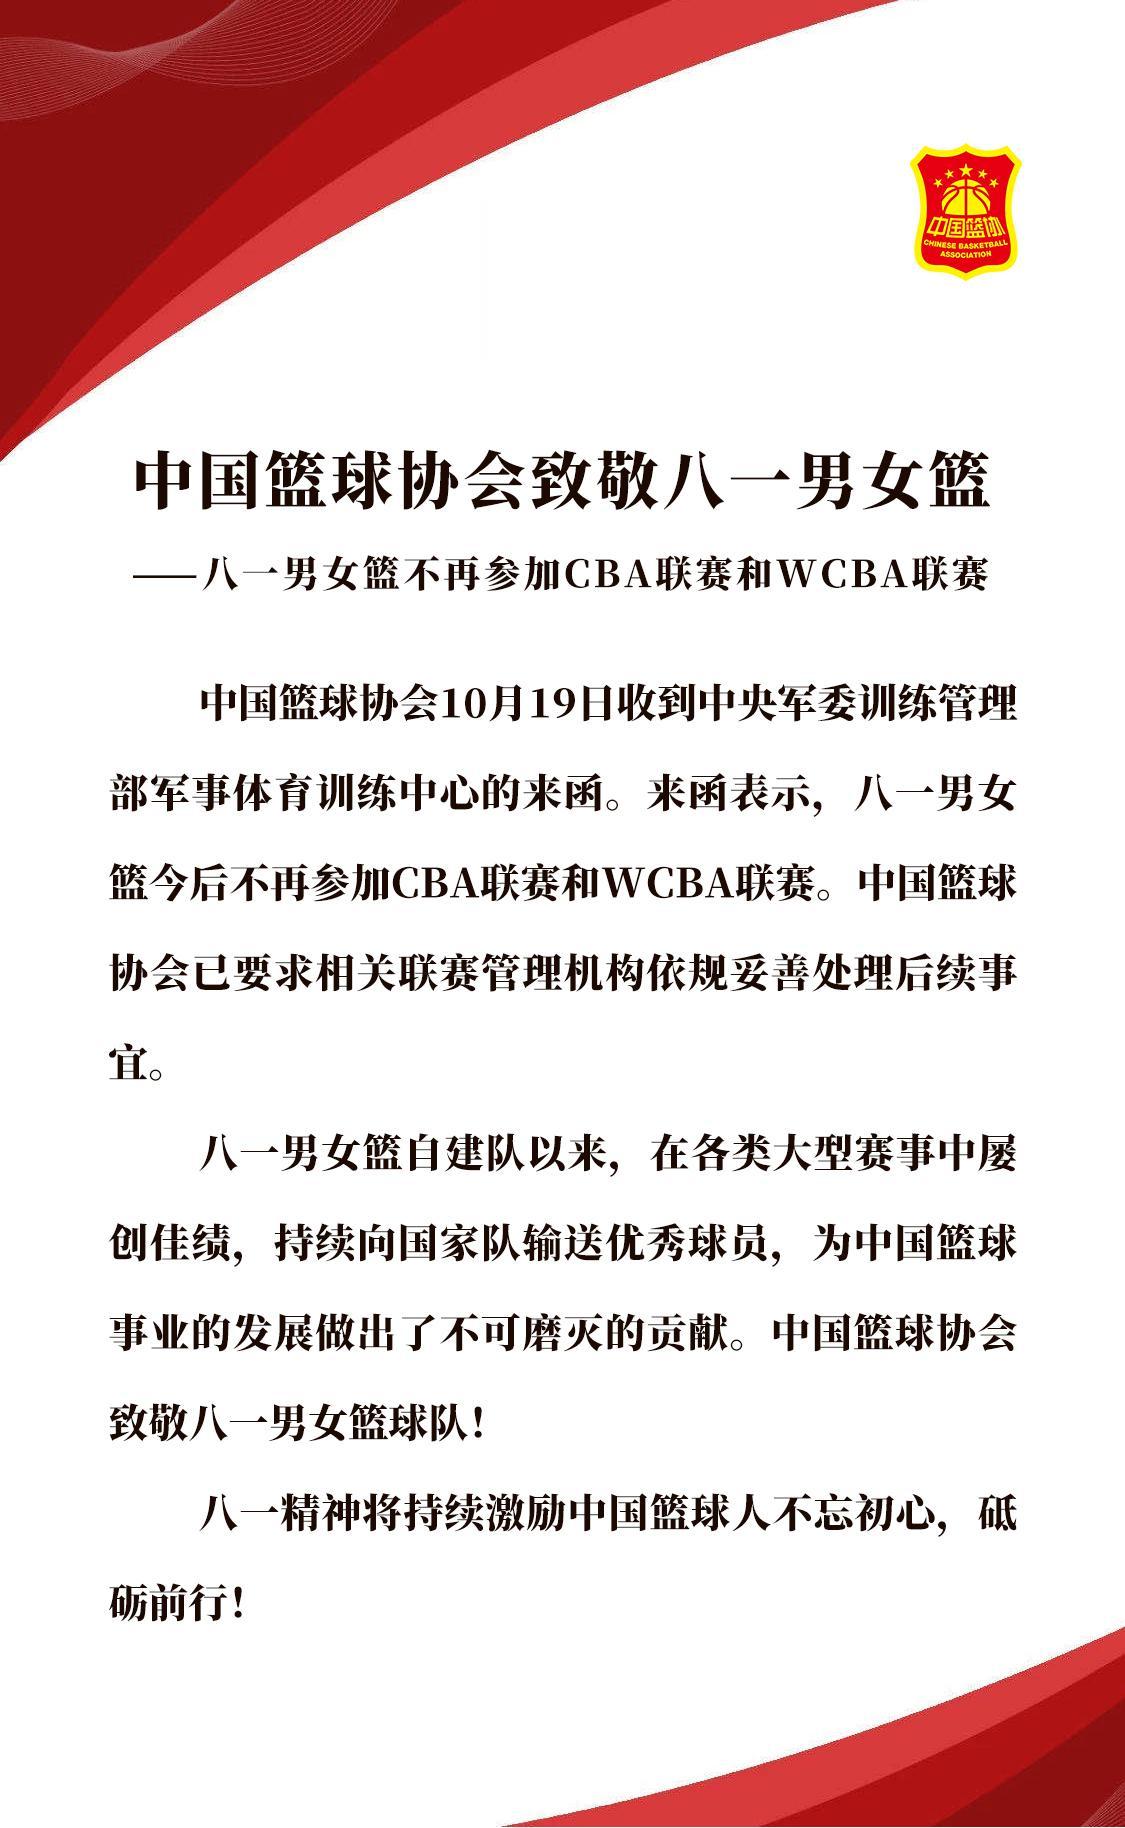 中国篮协:八一男女篮不再参加CBA和WCBA联赛图片